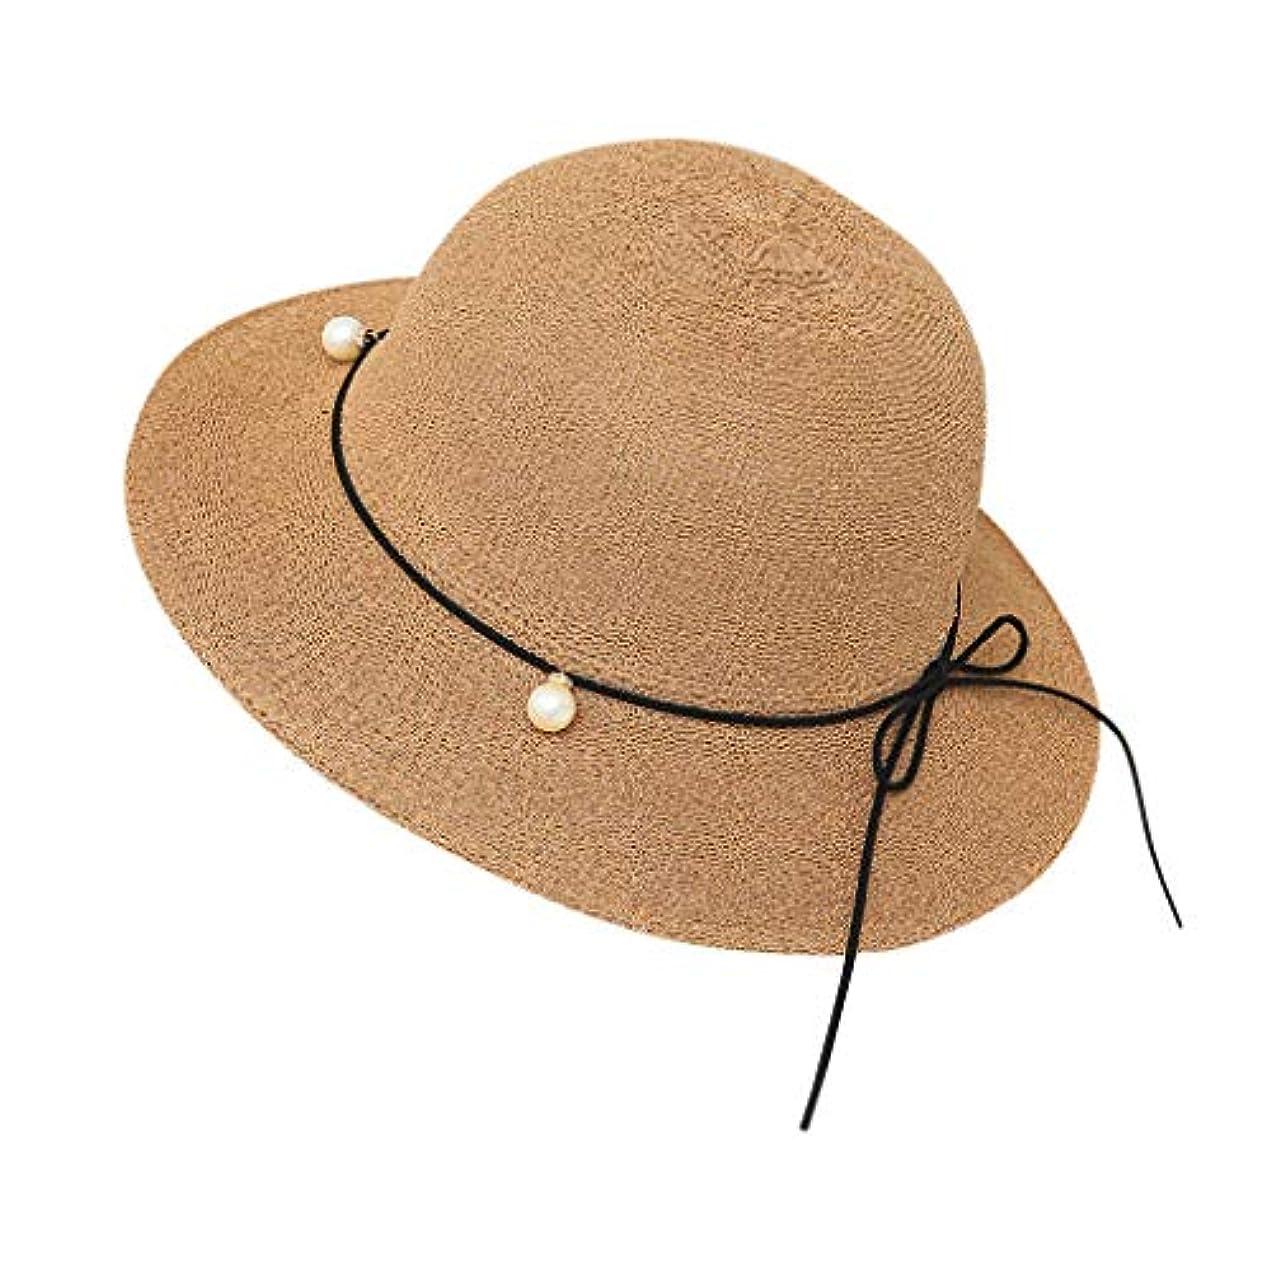 極めて桃明快帽子 レディース 夏 女性 UVカット 帽子 ハット 漁師帽 つば広 吸汗通気 紫外線対策 大きいサイズ 日焼け防止 サイズ調節 ベレー帽 帽子 レディース ビーチ 海辺 森ガール 女優帽 日よけ ROSE ROMAN